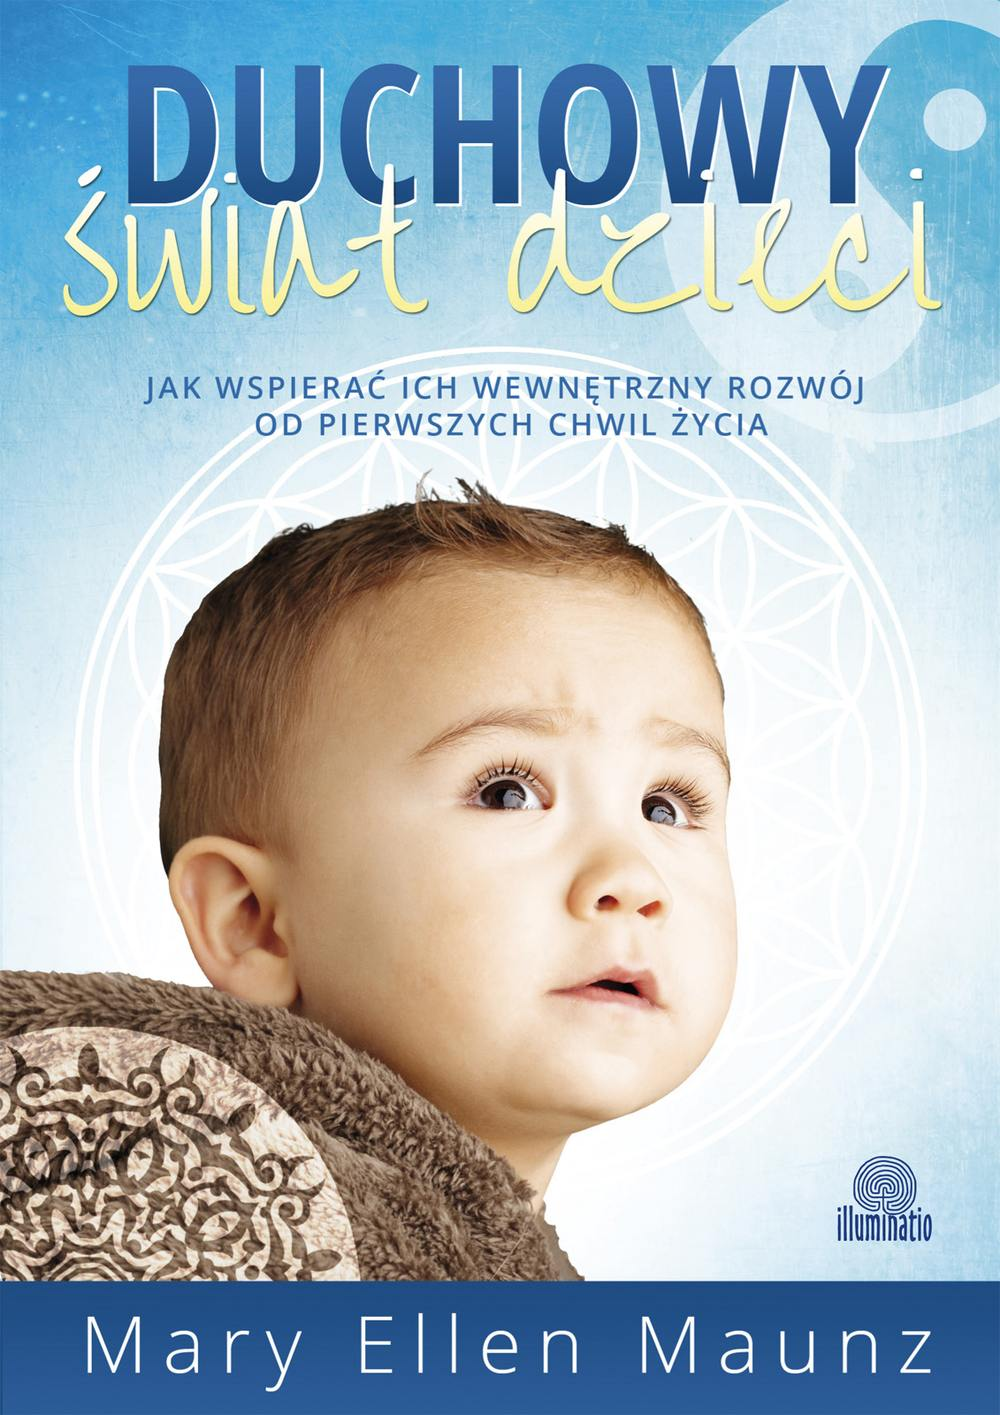 Duchowy świat dzieci. Jak wspierać ich wewnętrzny rozwój od pierwszych chwil życia - Ebook (Książka na Kindle) do pobrania w formacie MOBI